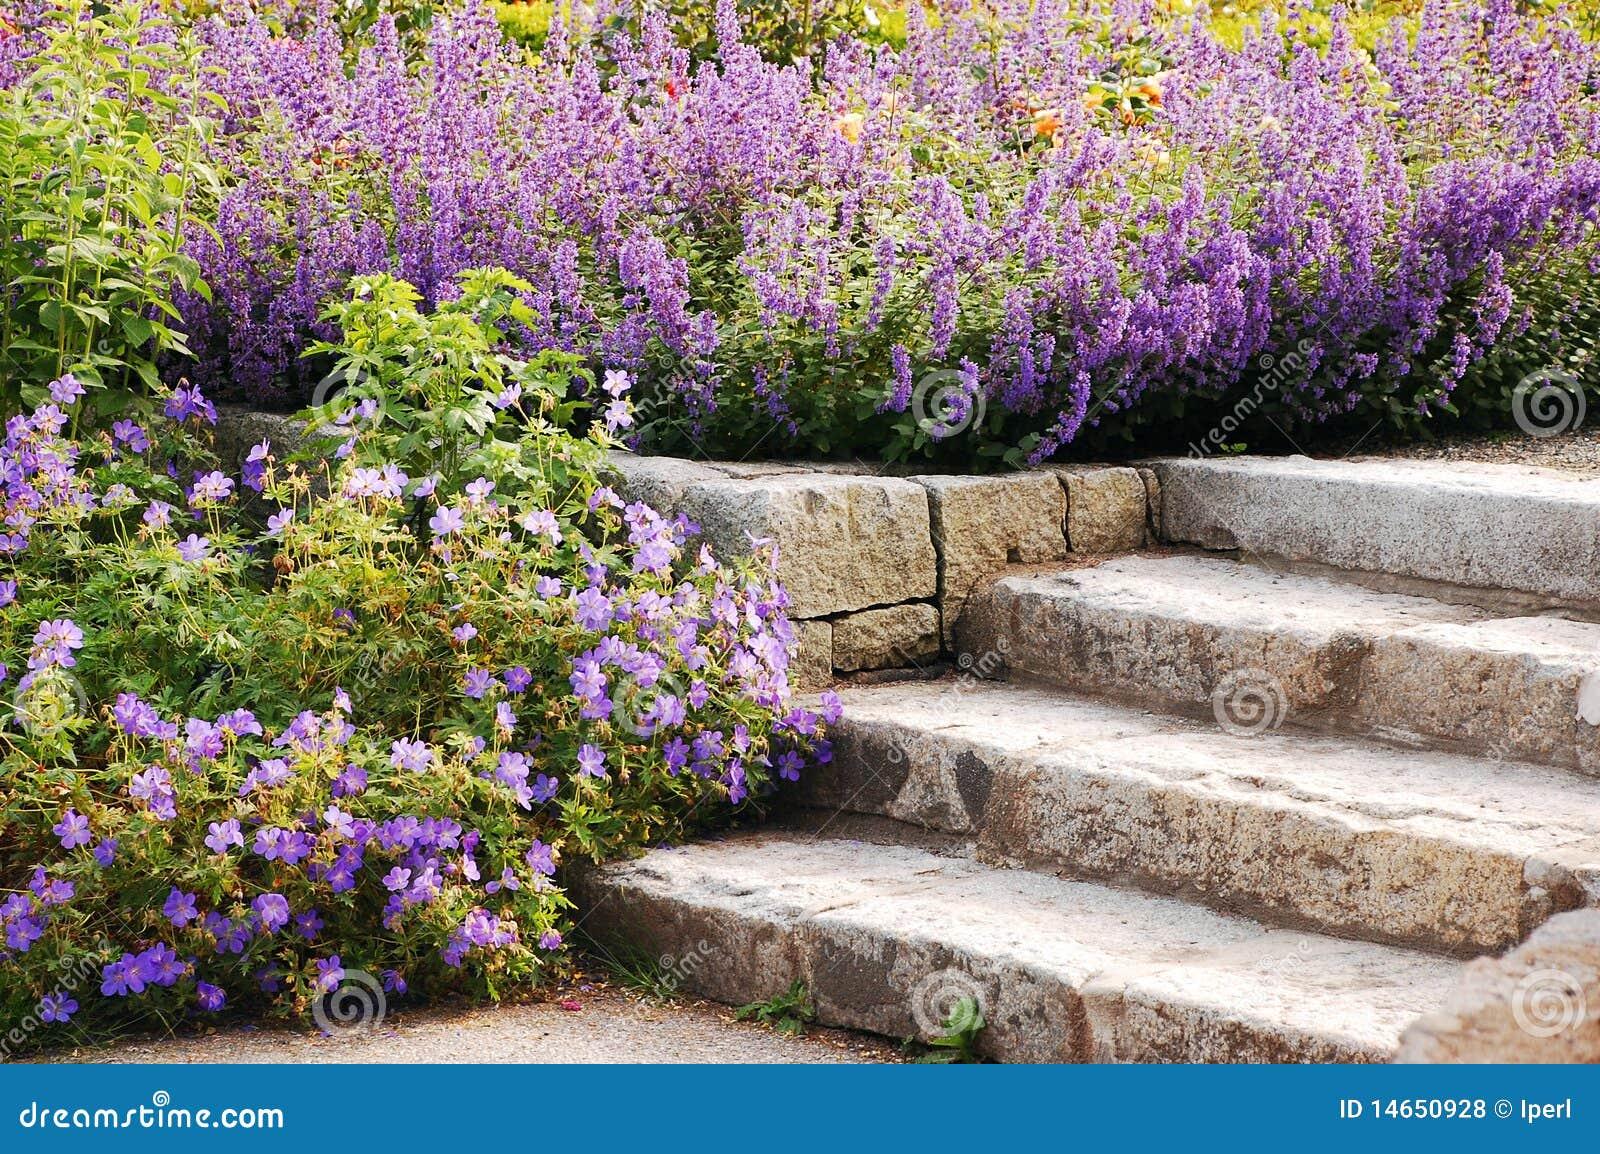 escada de pedra no jardim:escadas de pedra do jardim cercadas por flores roxas mr no pr no 3